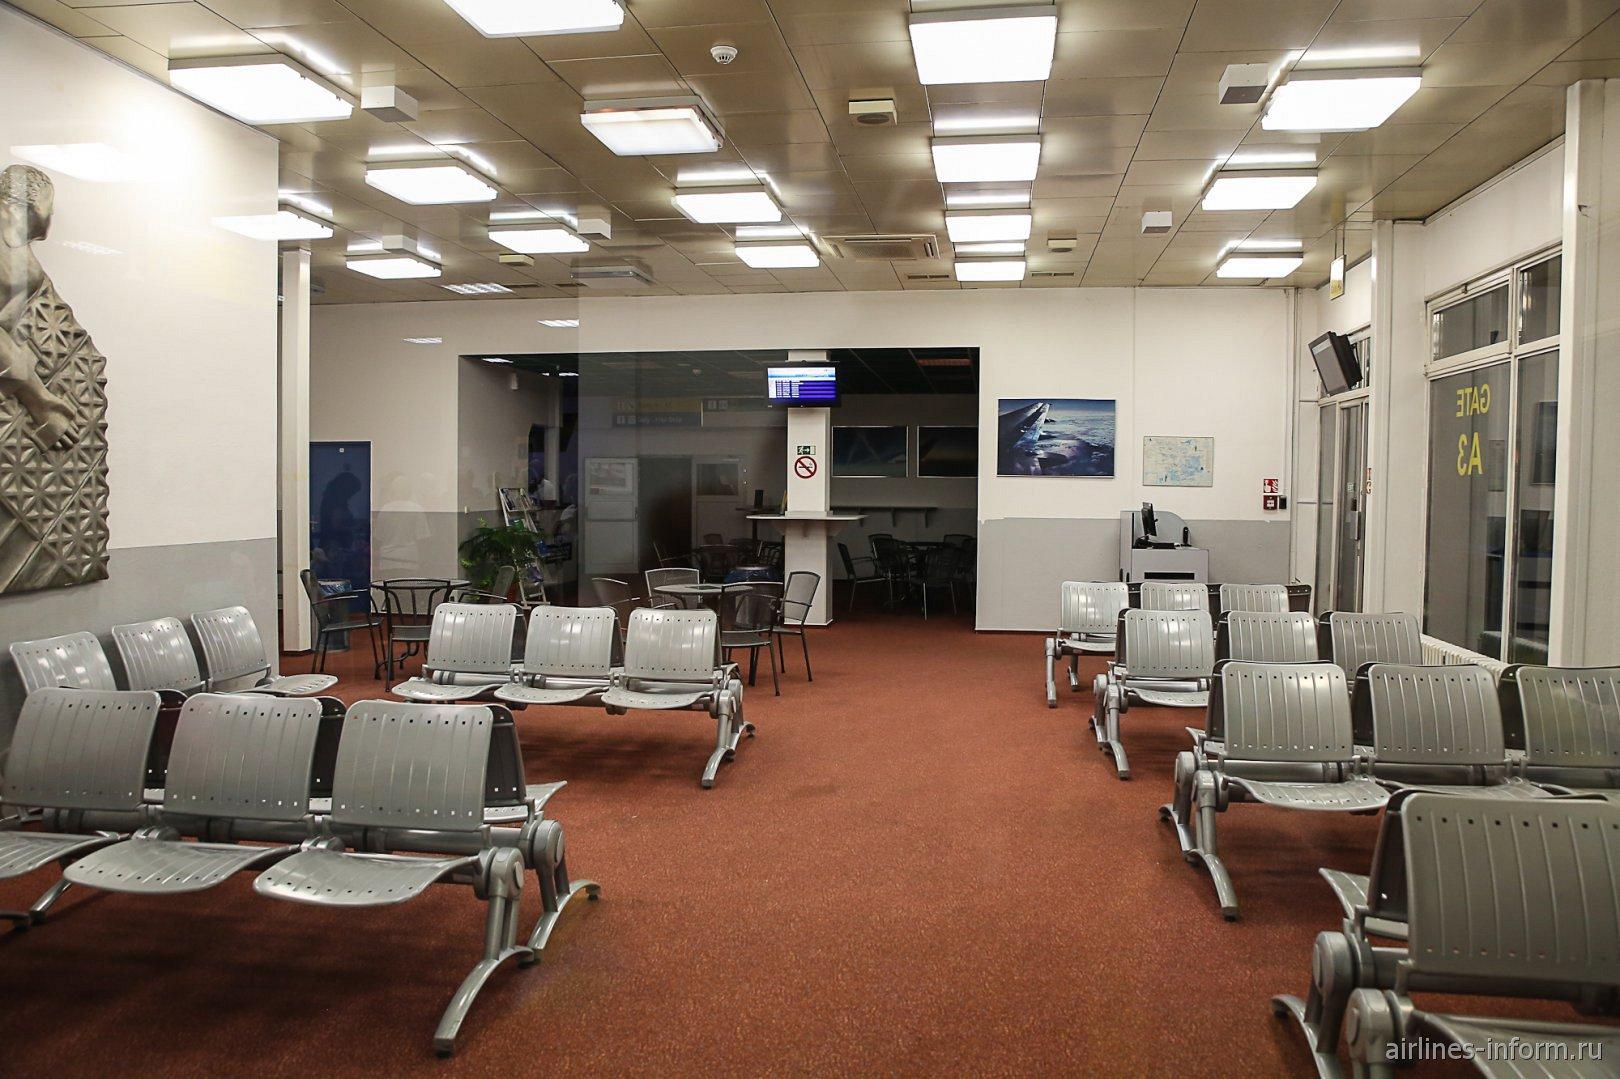 Зал ожидания в чистой зоне старого терминала аэропорта Острава